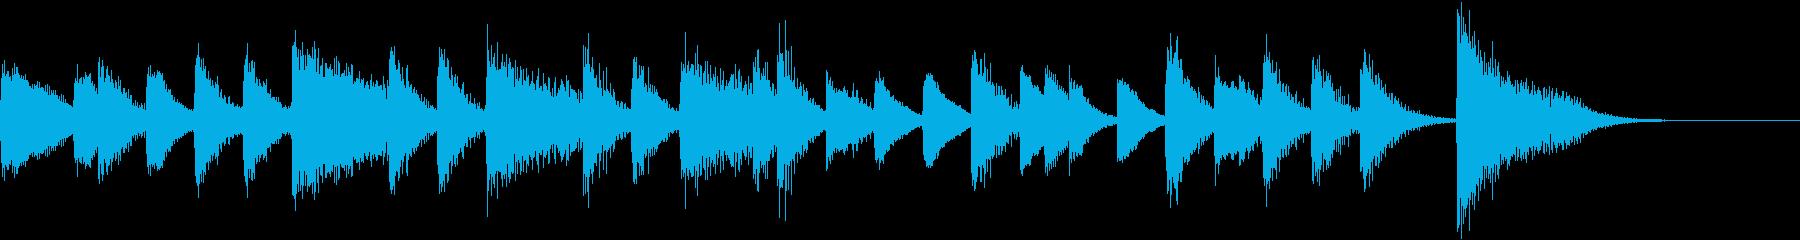 証城寺の狸囃子モチーフのピアノジングルCの再生済みの波形